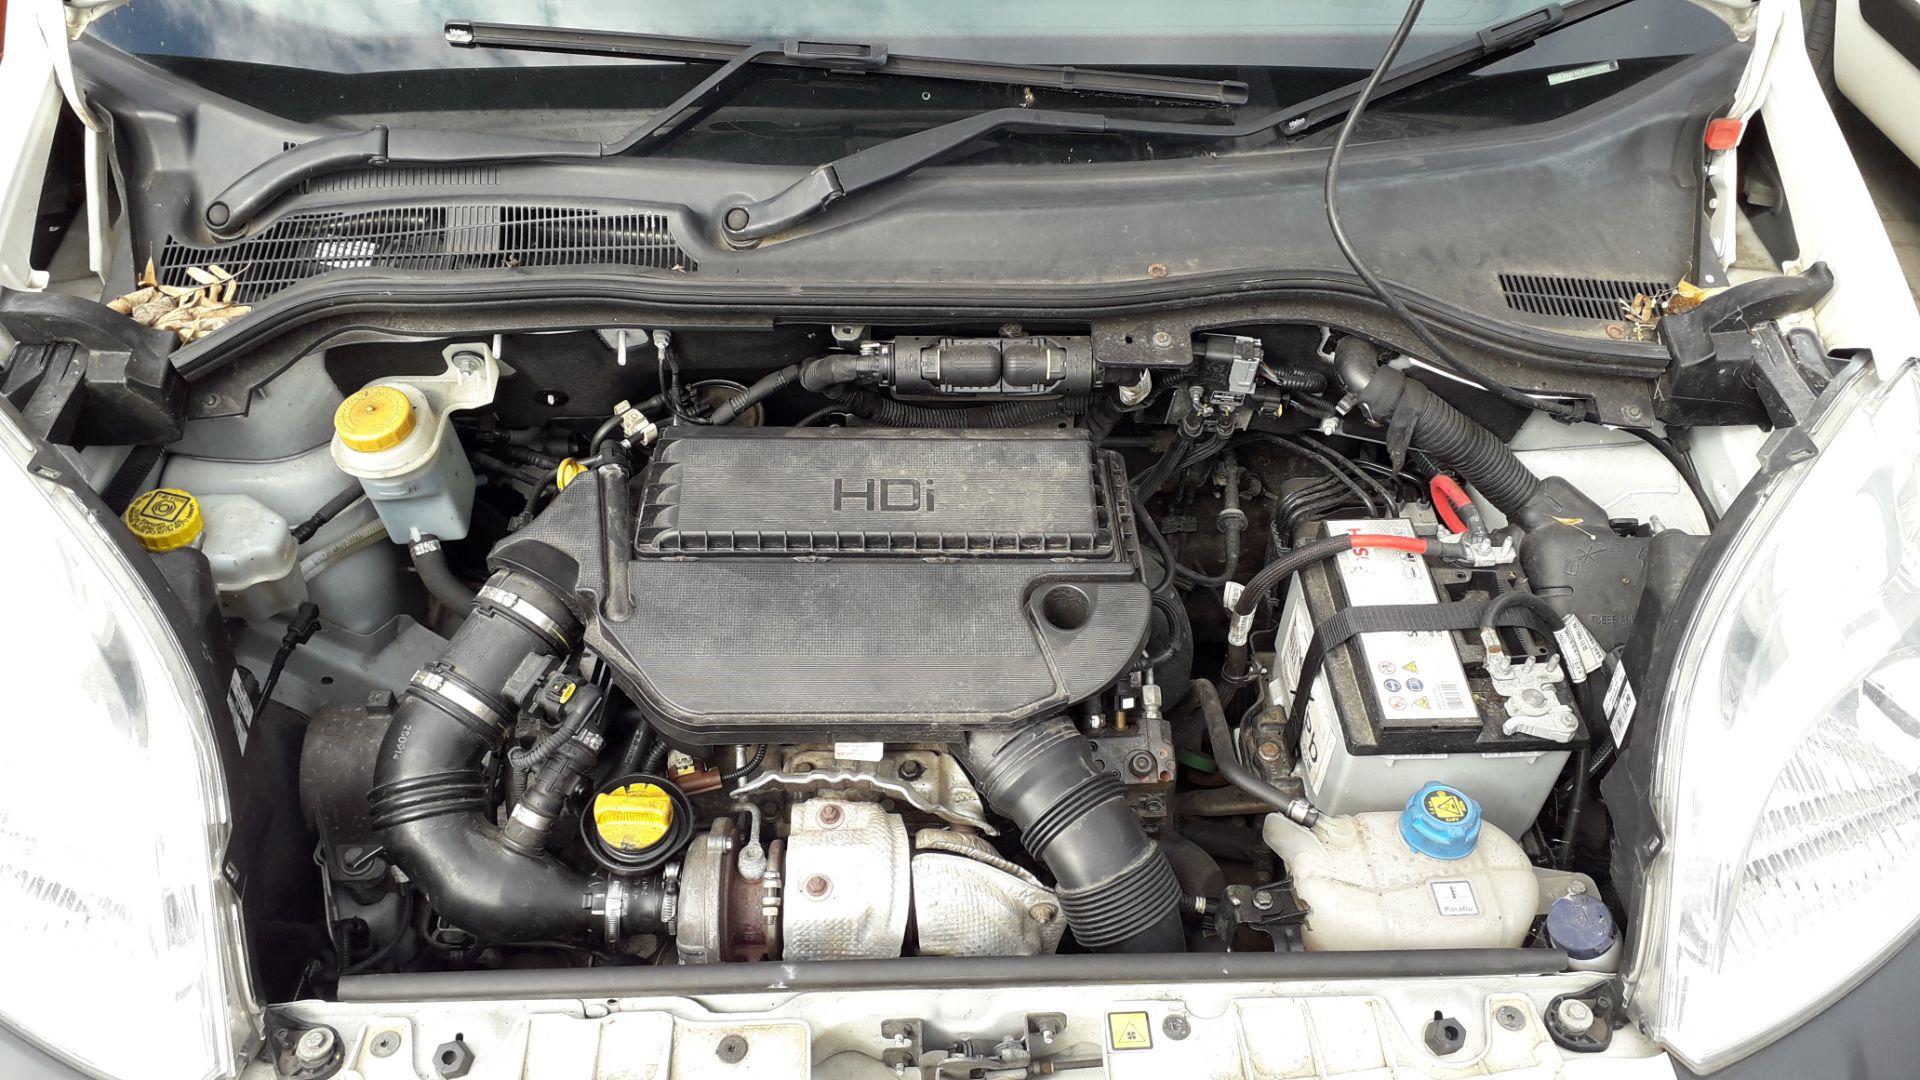 Peugeot Bipper 1.3 Hdi 75 S Diesel Van, Registrati - Image 10 of 10